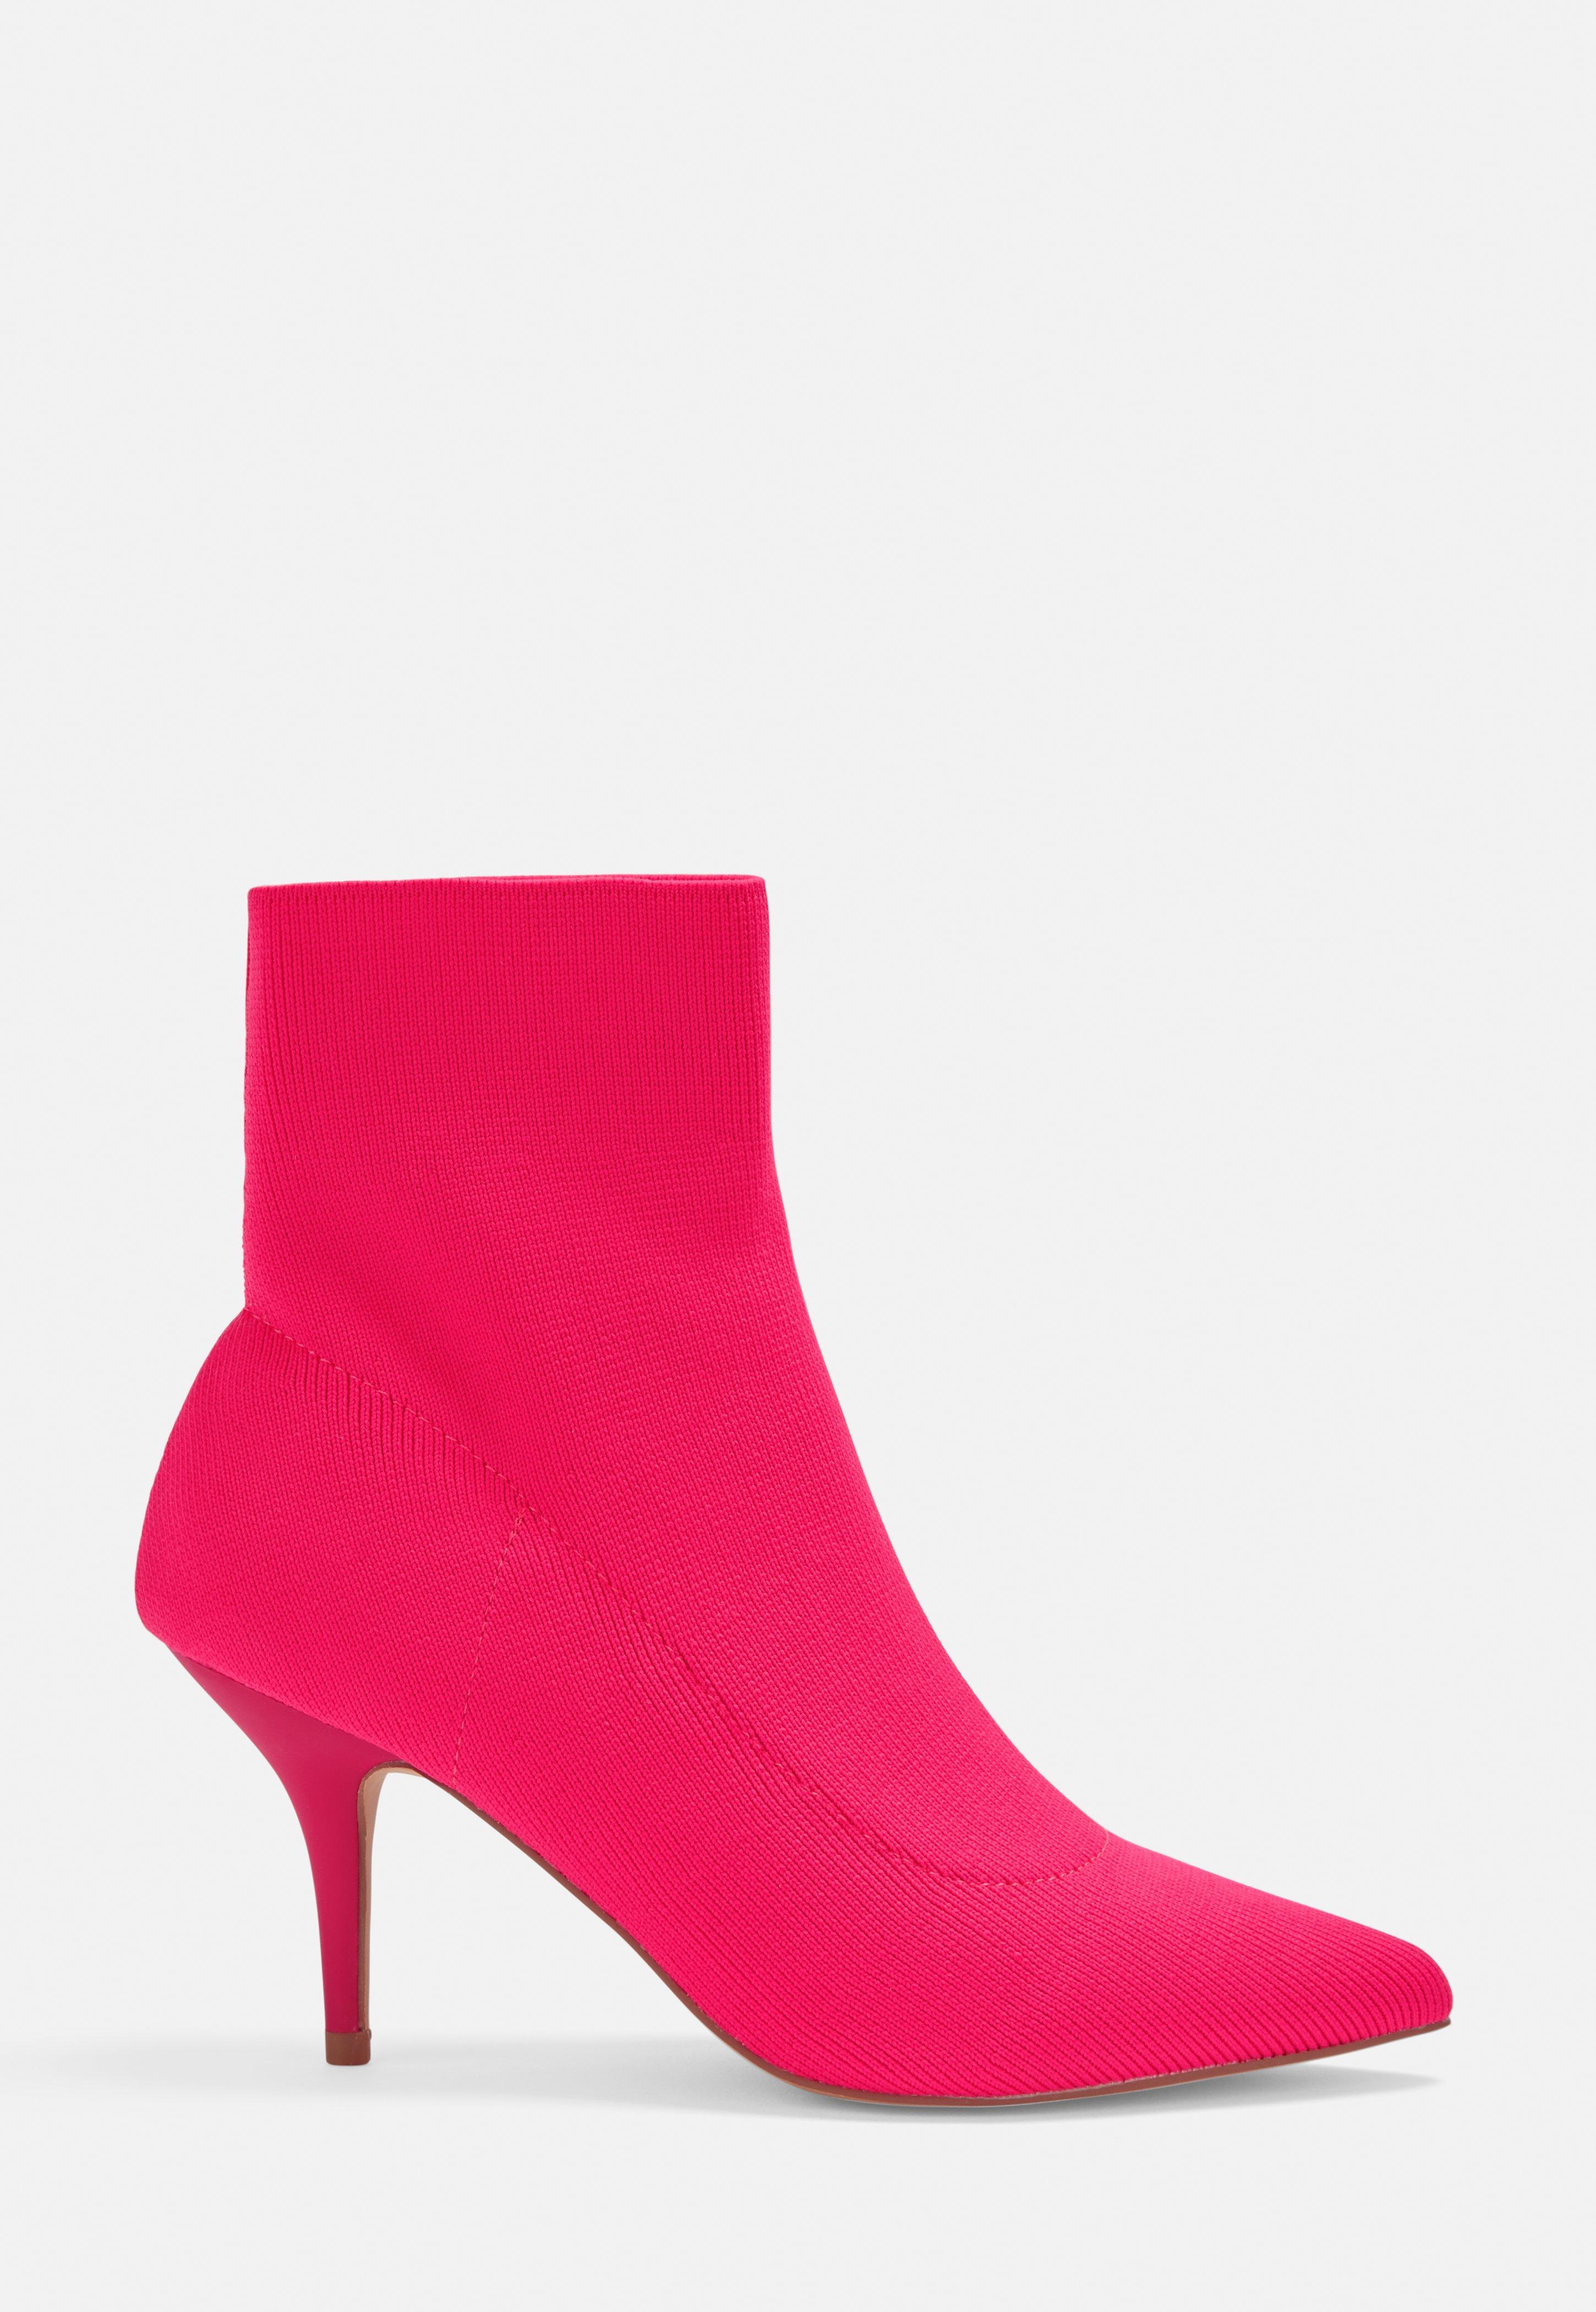 4cb651f618a Pink Kitten Heel Knitted Sock Boots